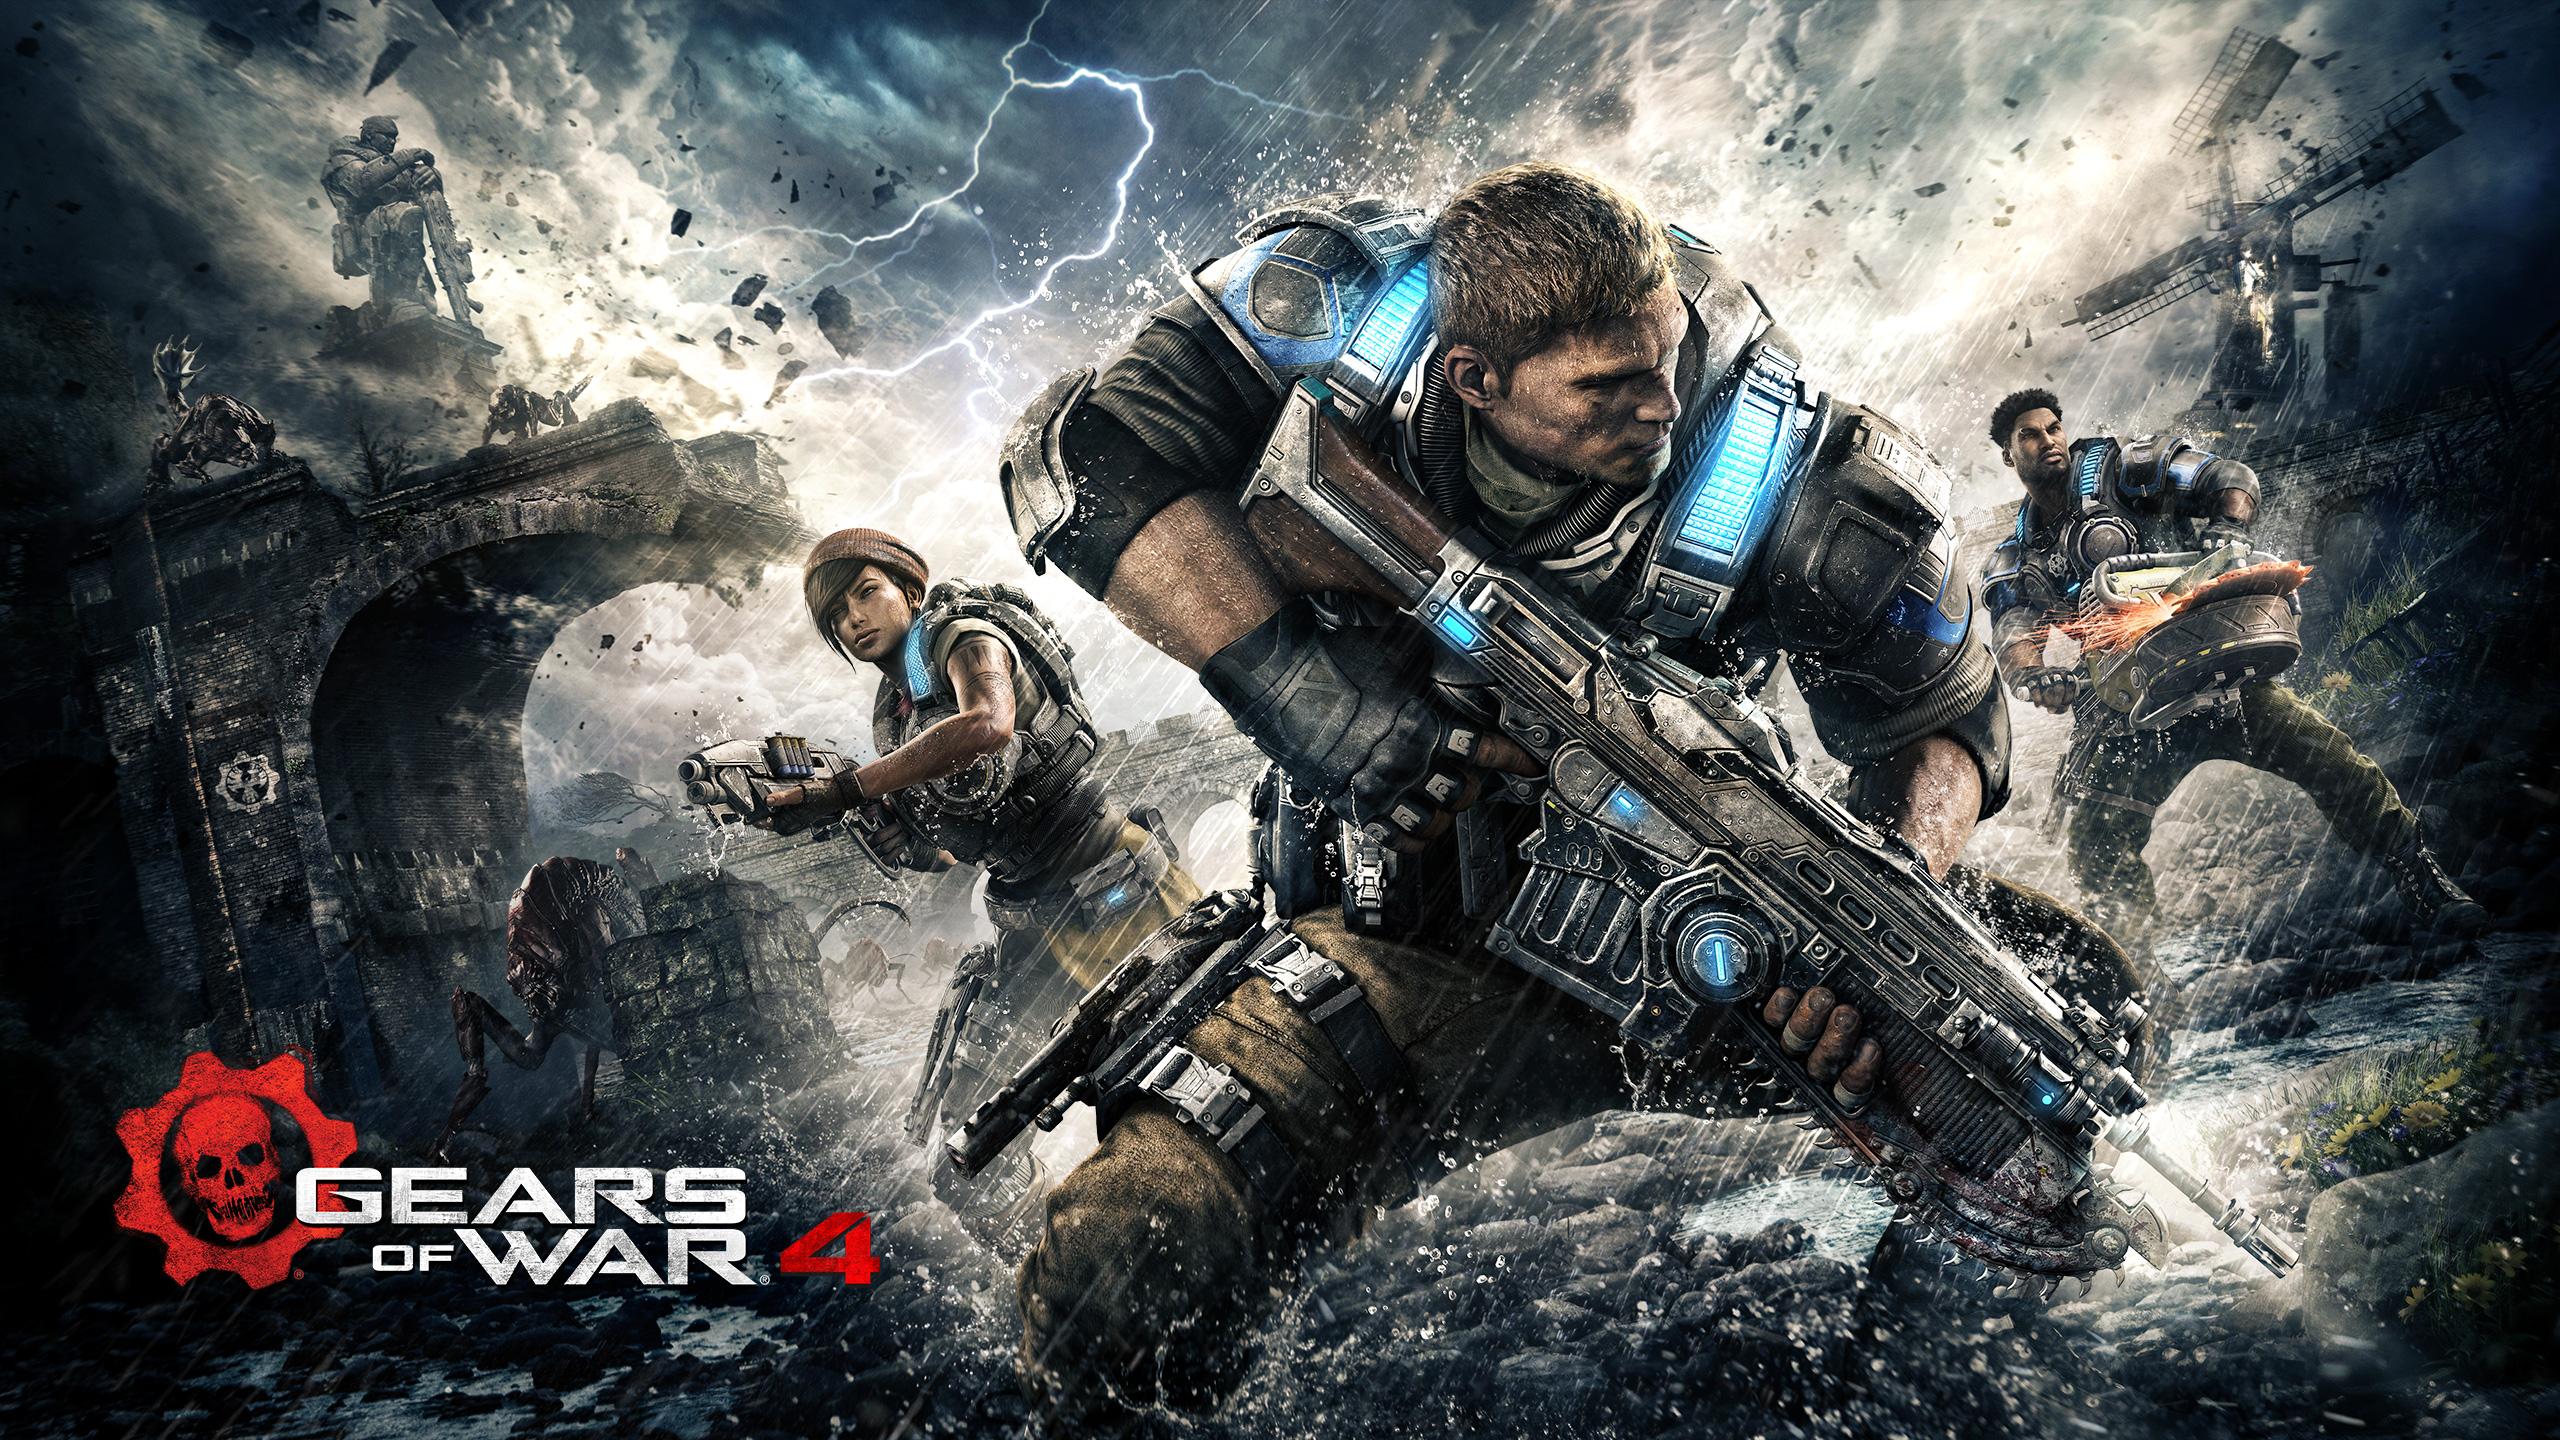 Gears войны 4 каит Джей ди. обои скачать